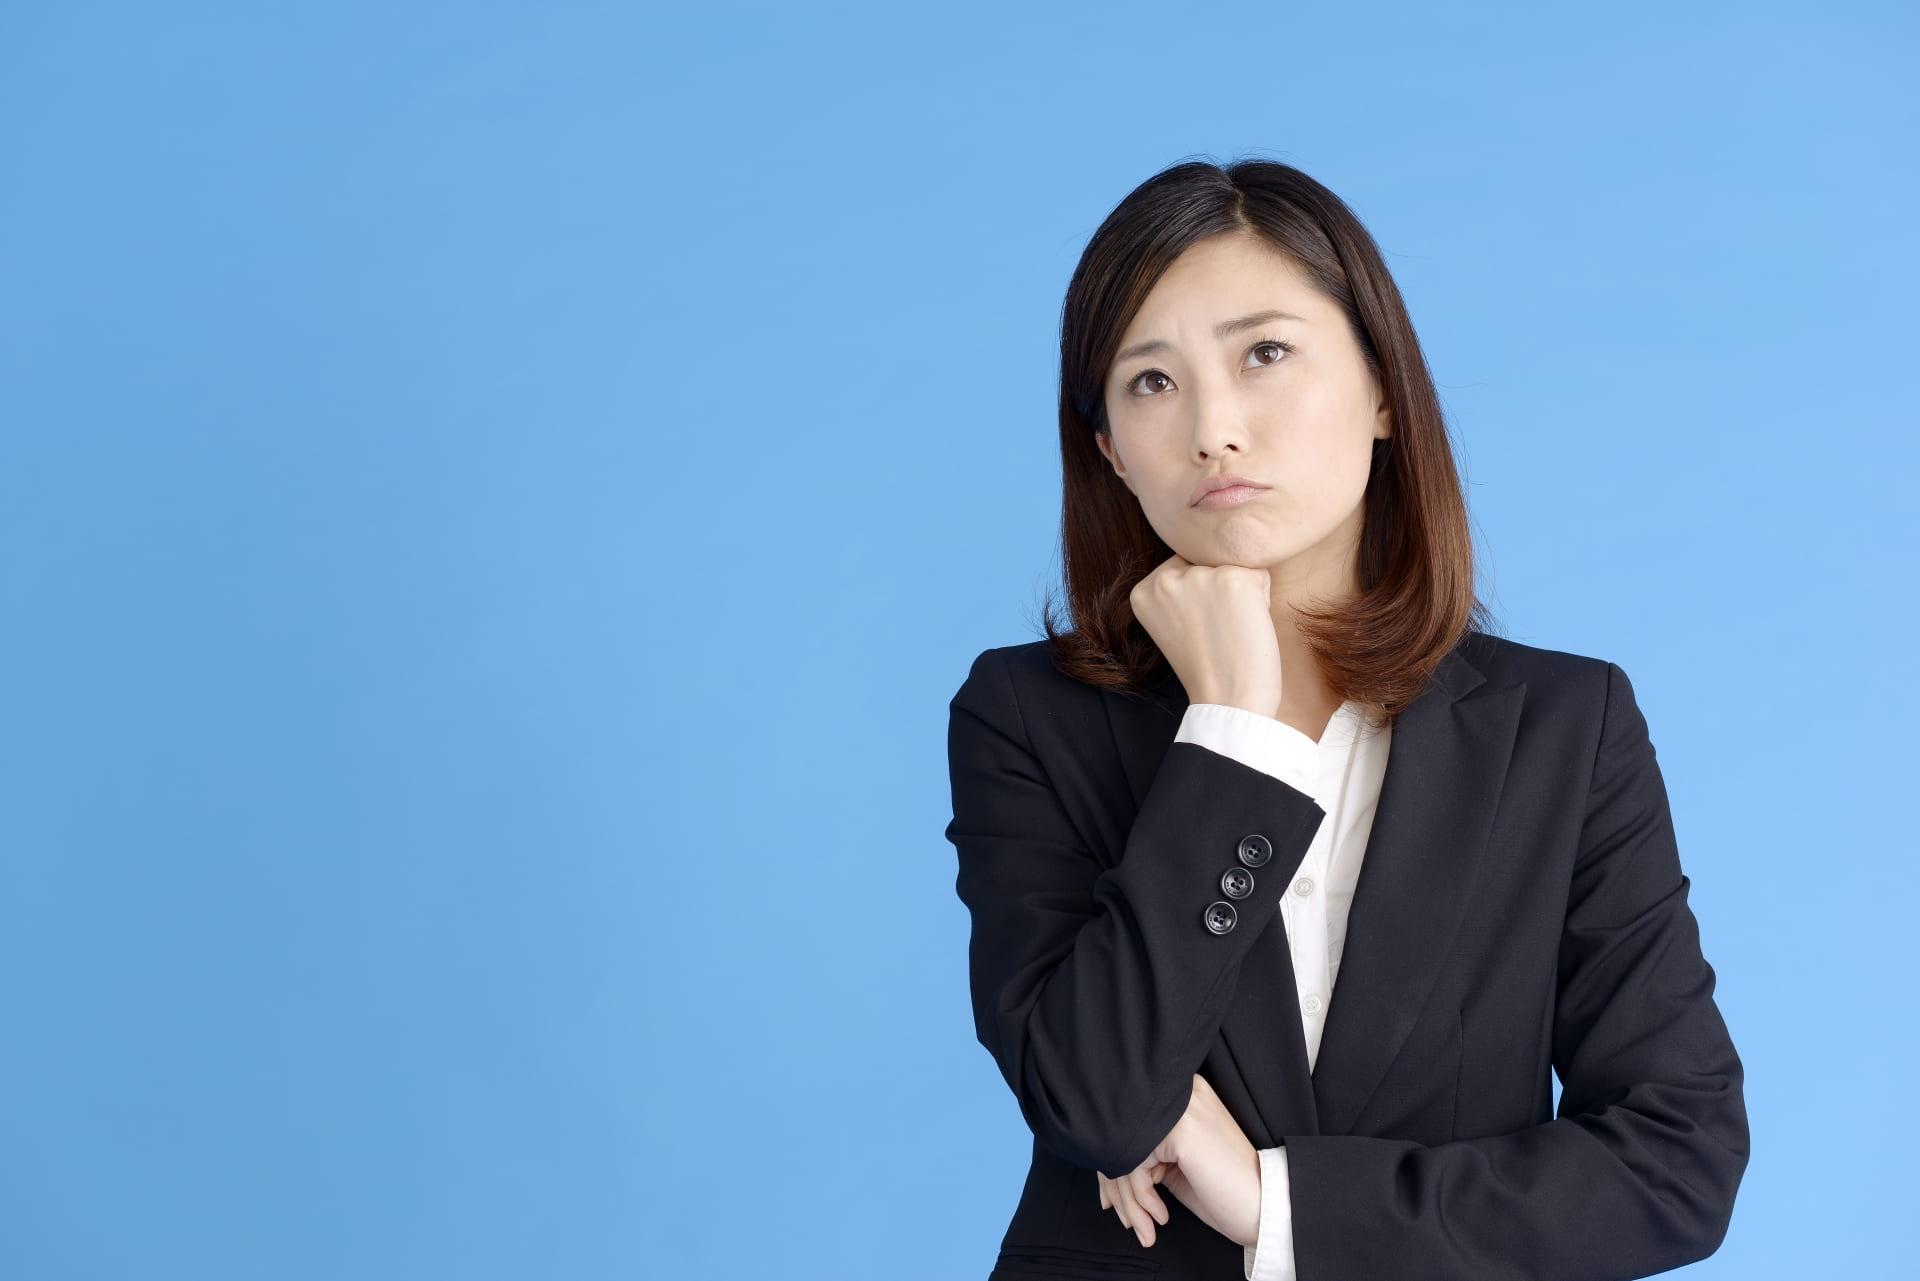 第二新卒がやばいは本当?企業側の声や転職のポイントを解説